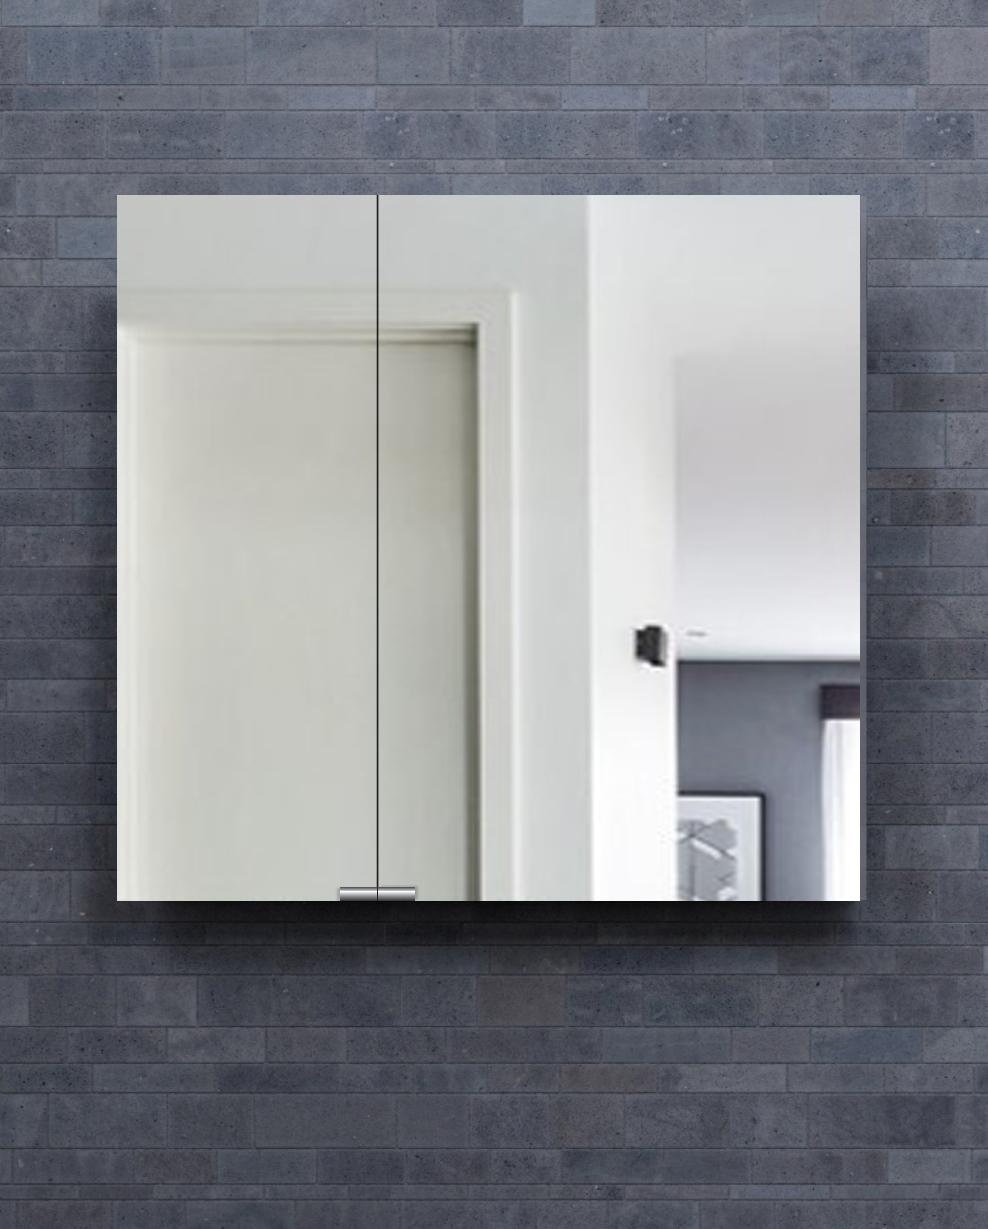 Diamando Non-Electric Mirrored Medicine Cabinet